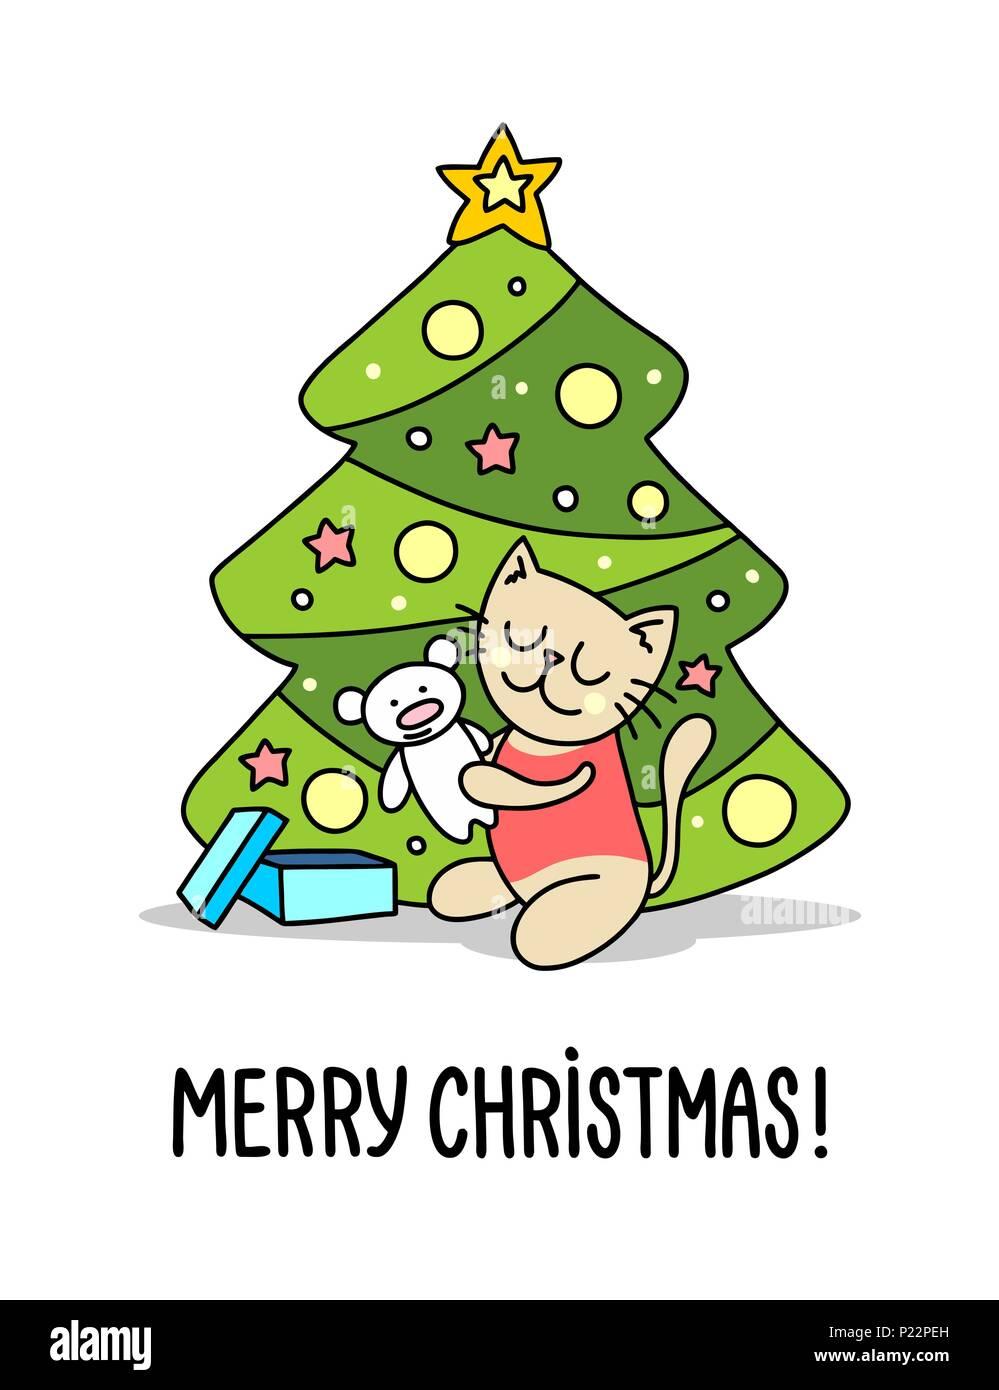 d07e436b6b0d9 Baby kitty junto al árbol de Navidad Regalo de navidad. Feliz Navidad y  Próspero Año Nuevo póster de ilustración vectorial plana